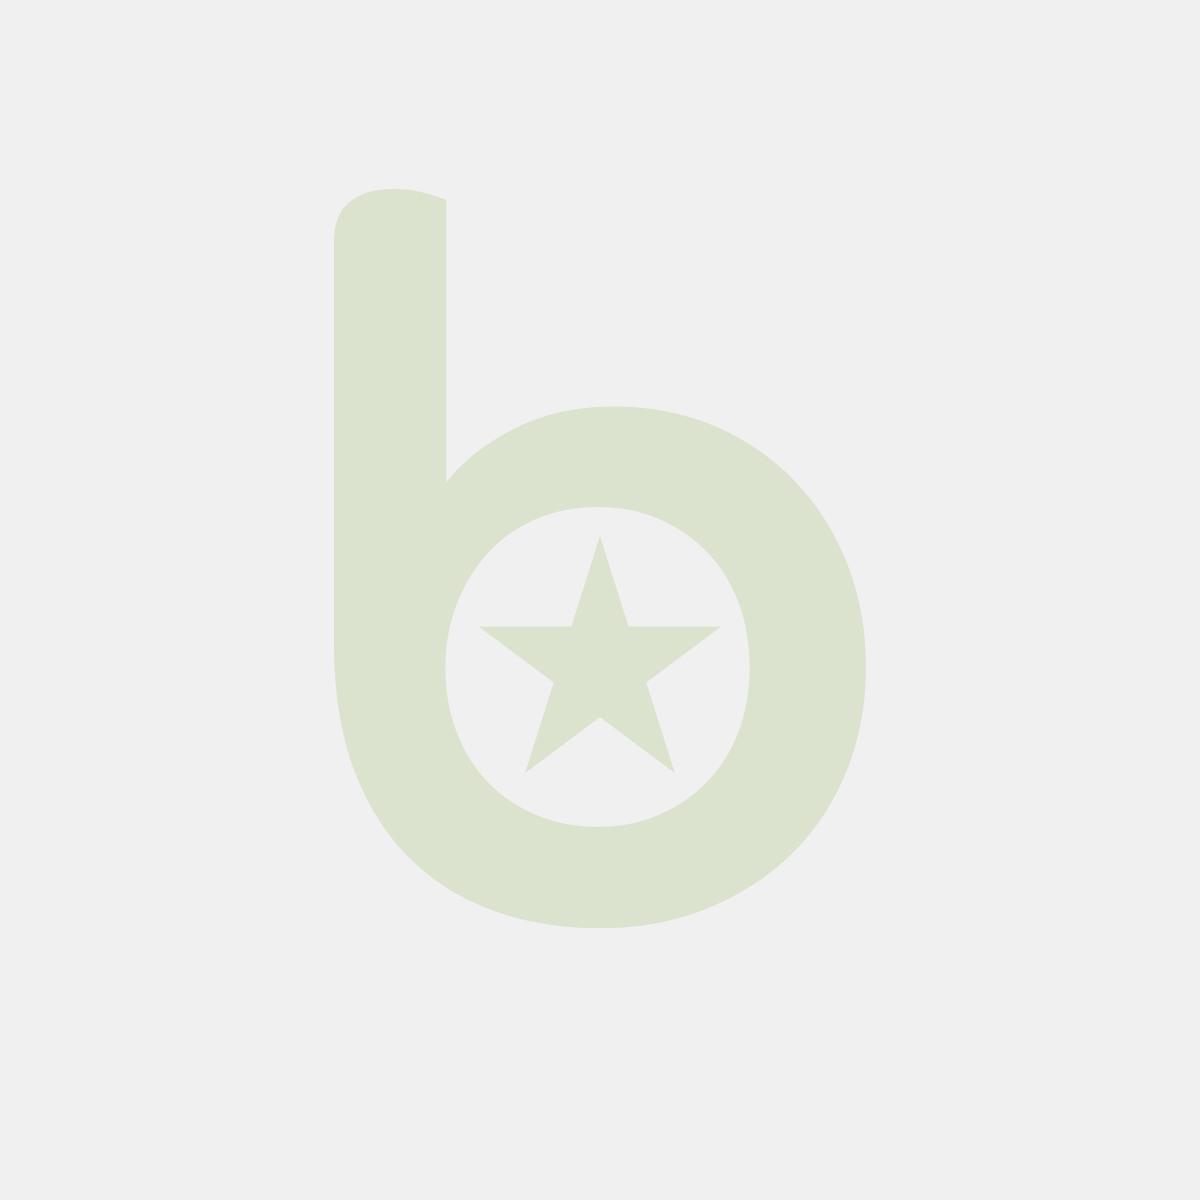 Zrębki zapachowe z drewna olchowego - kod 199817